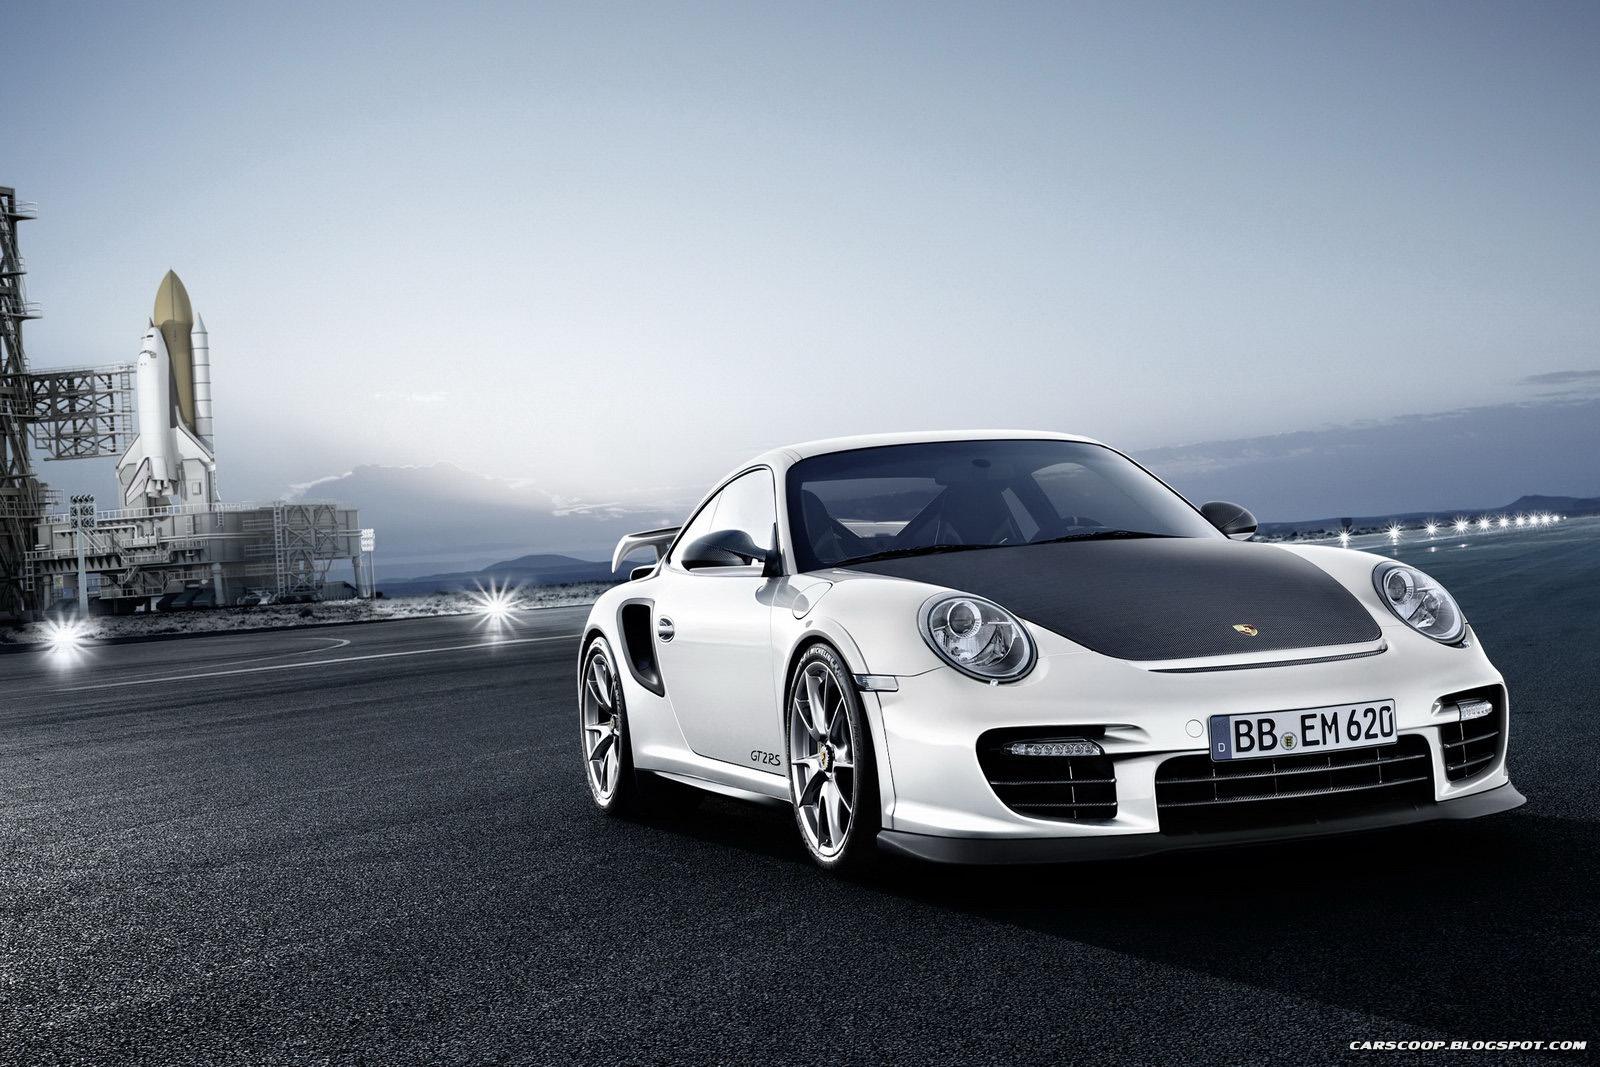 ... s7kw3H19I/AAAAAAAC1kg/Q2fp6qzpduI/s1600/2011-Porsche-911-GT2-RS-47.jpg